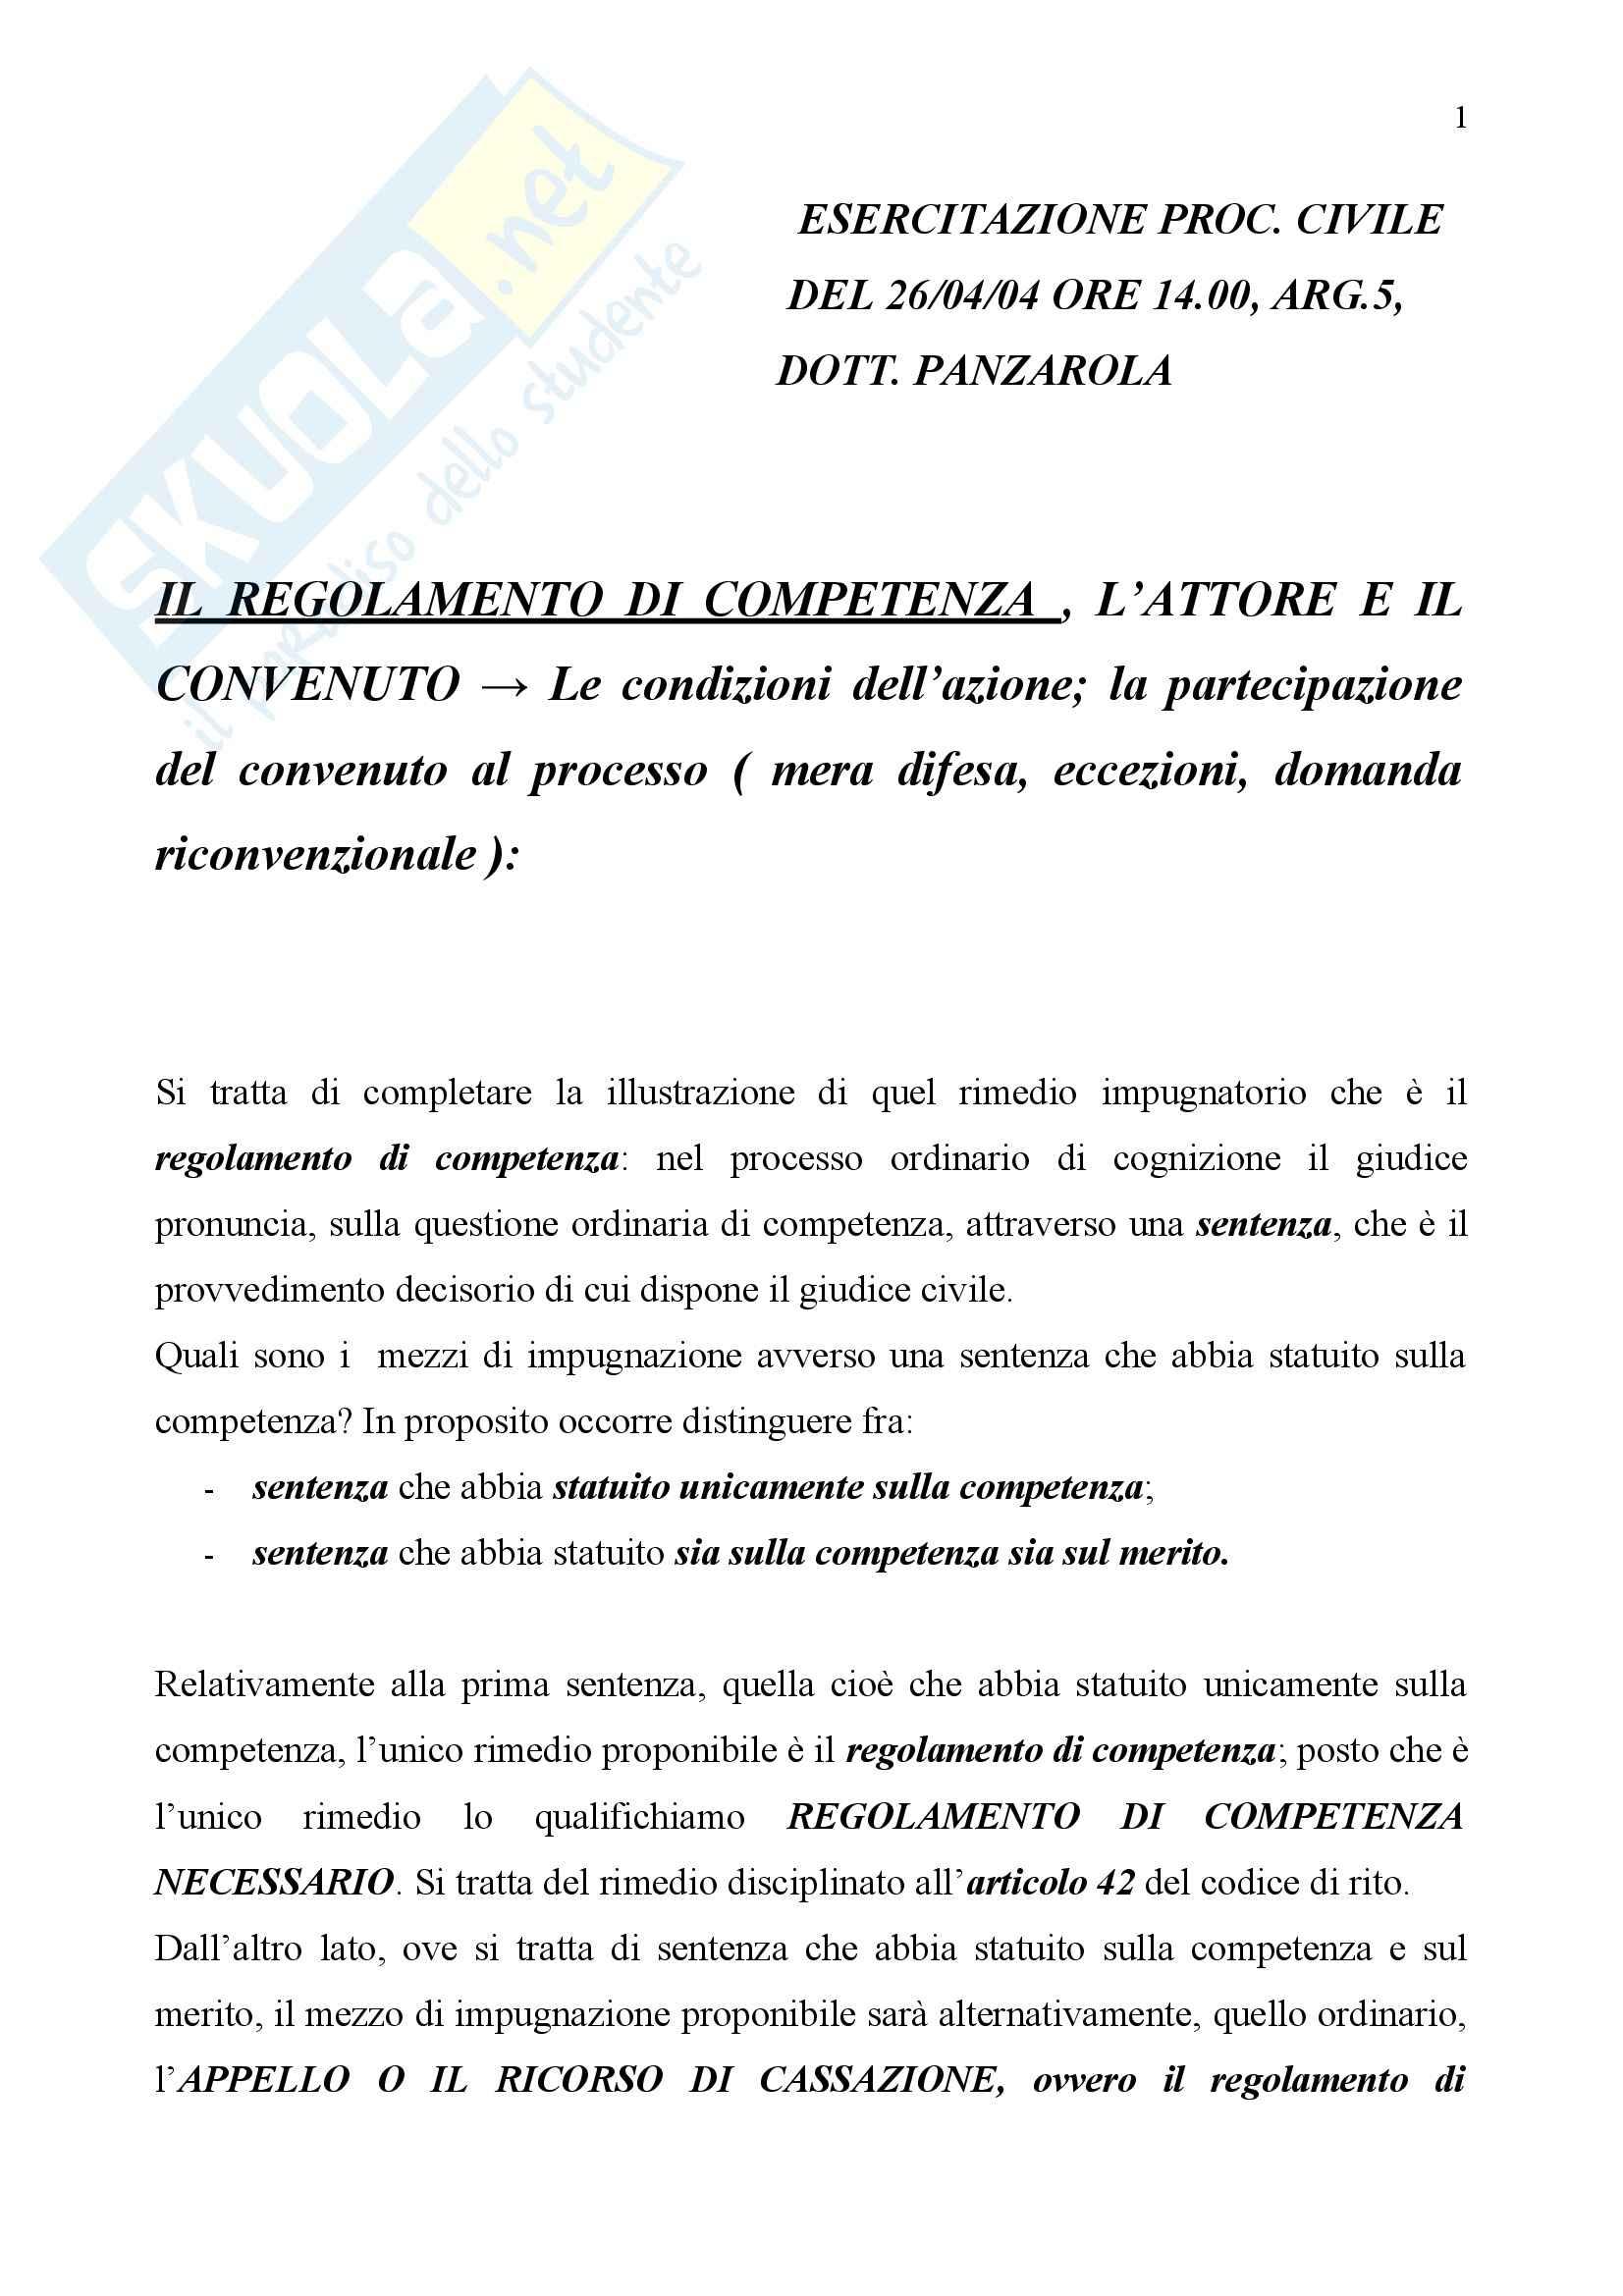 Diritto processuale civile - regolamento di competenza, attore e convenuto